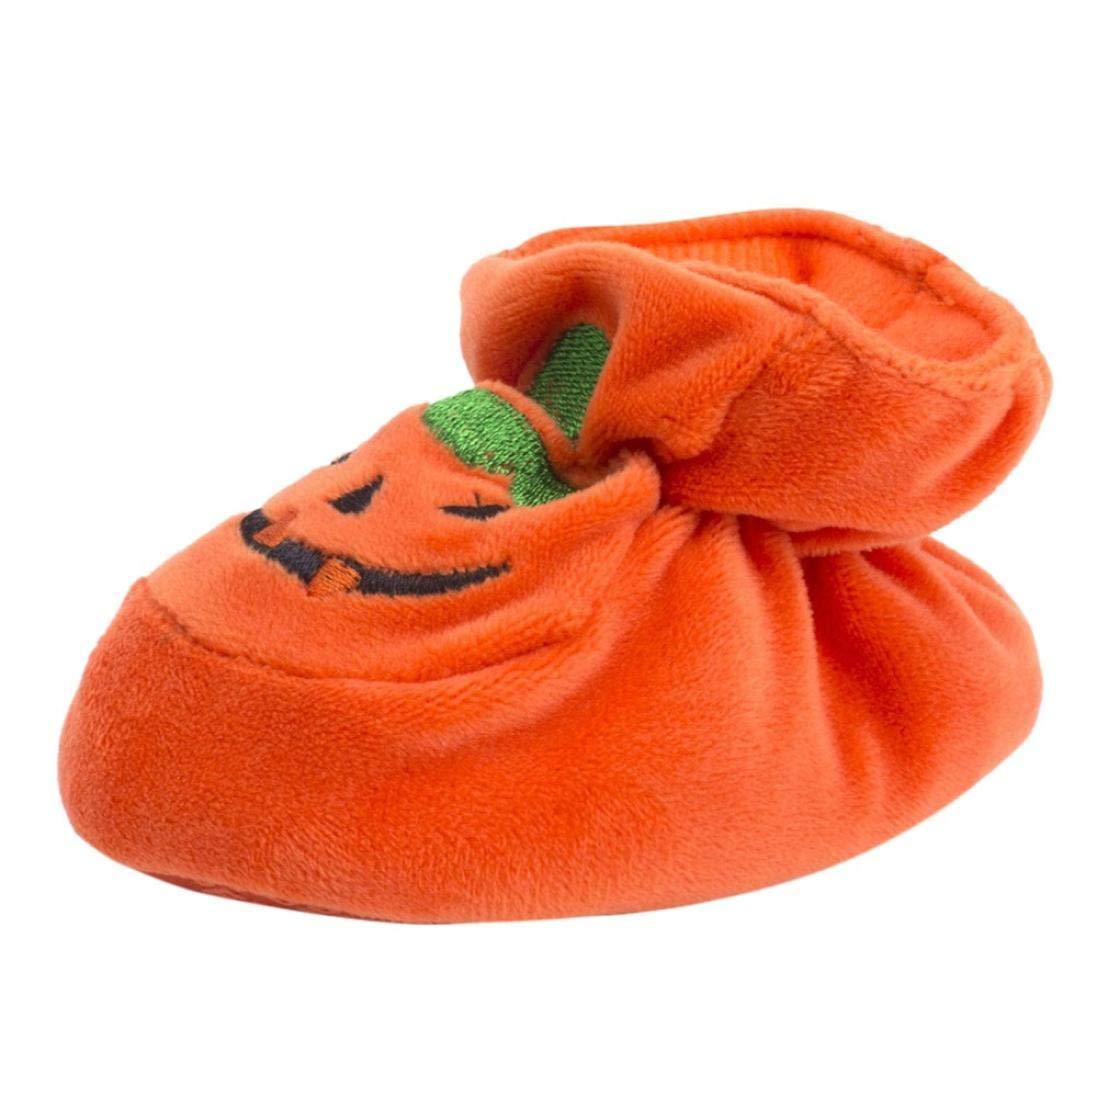 562b1869ff92b Amazon.com: WARMSHOP Newborn Toddler Boys Girls Soft Sole Orange ...